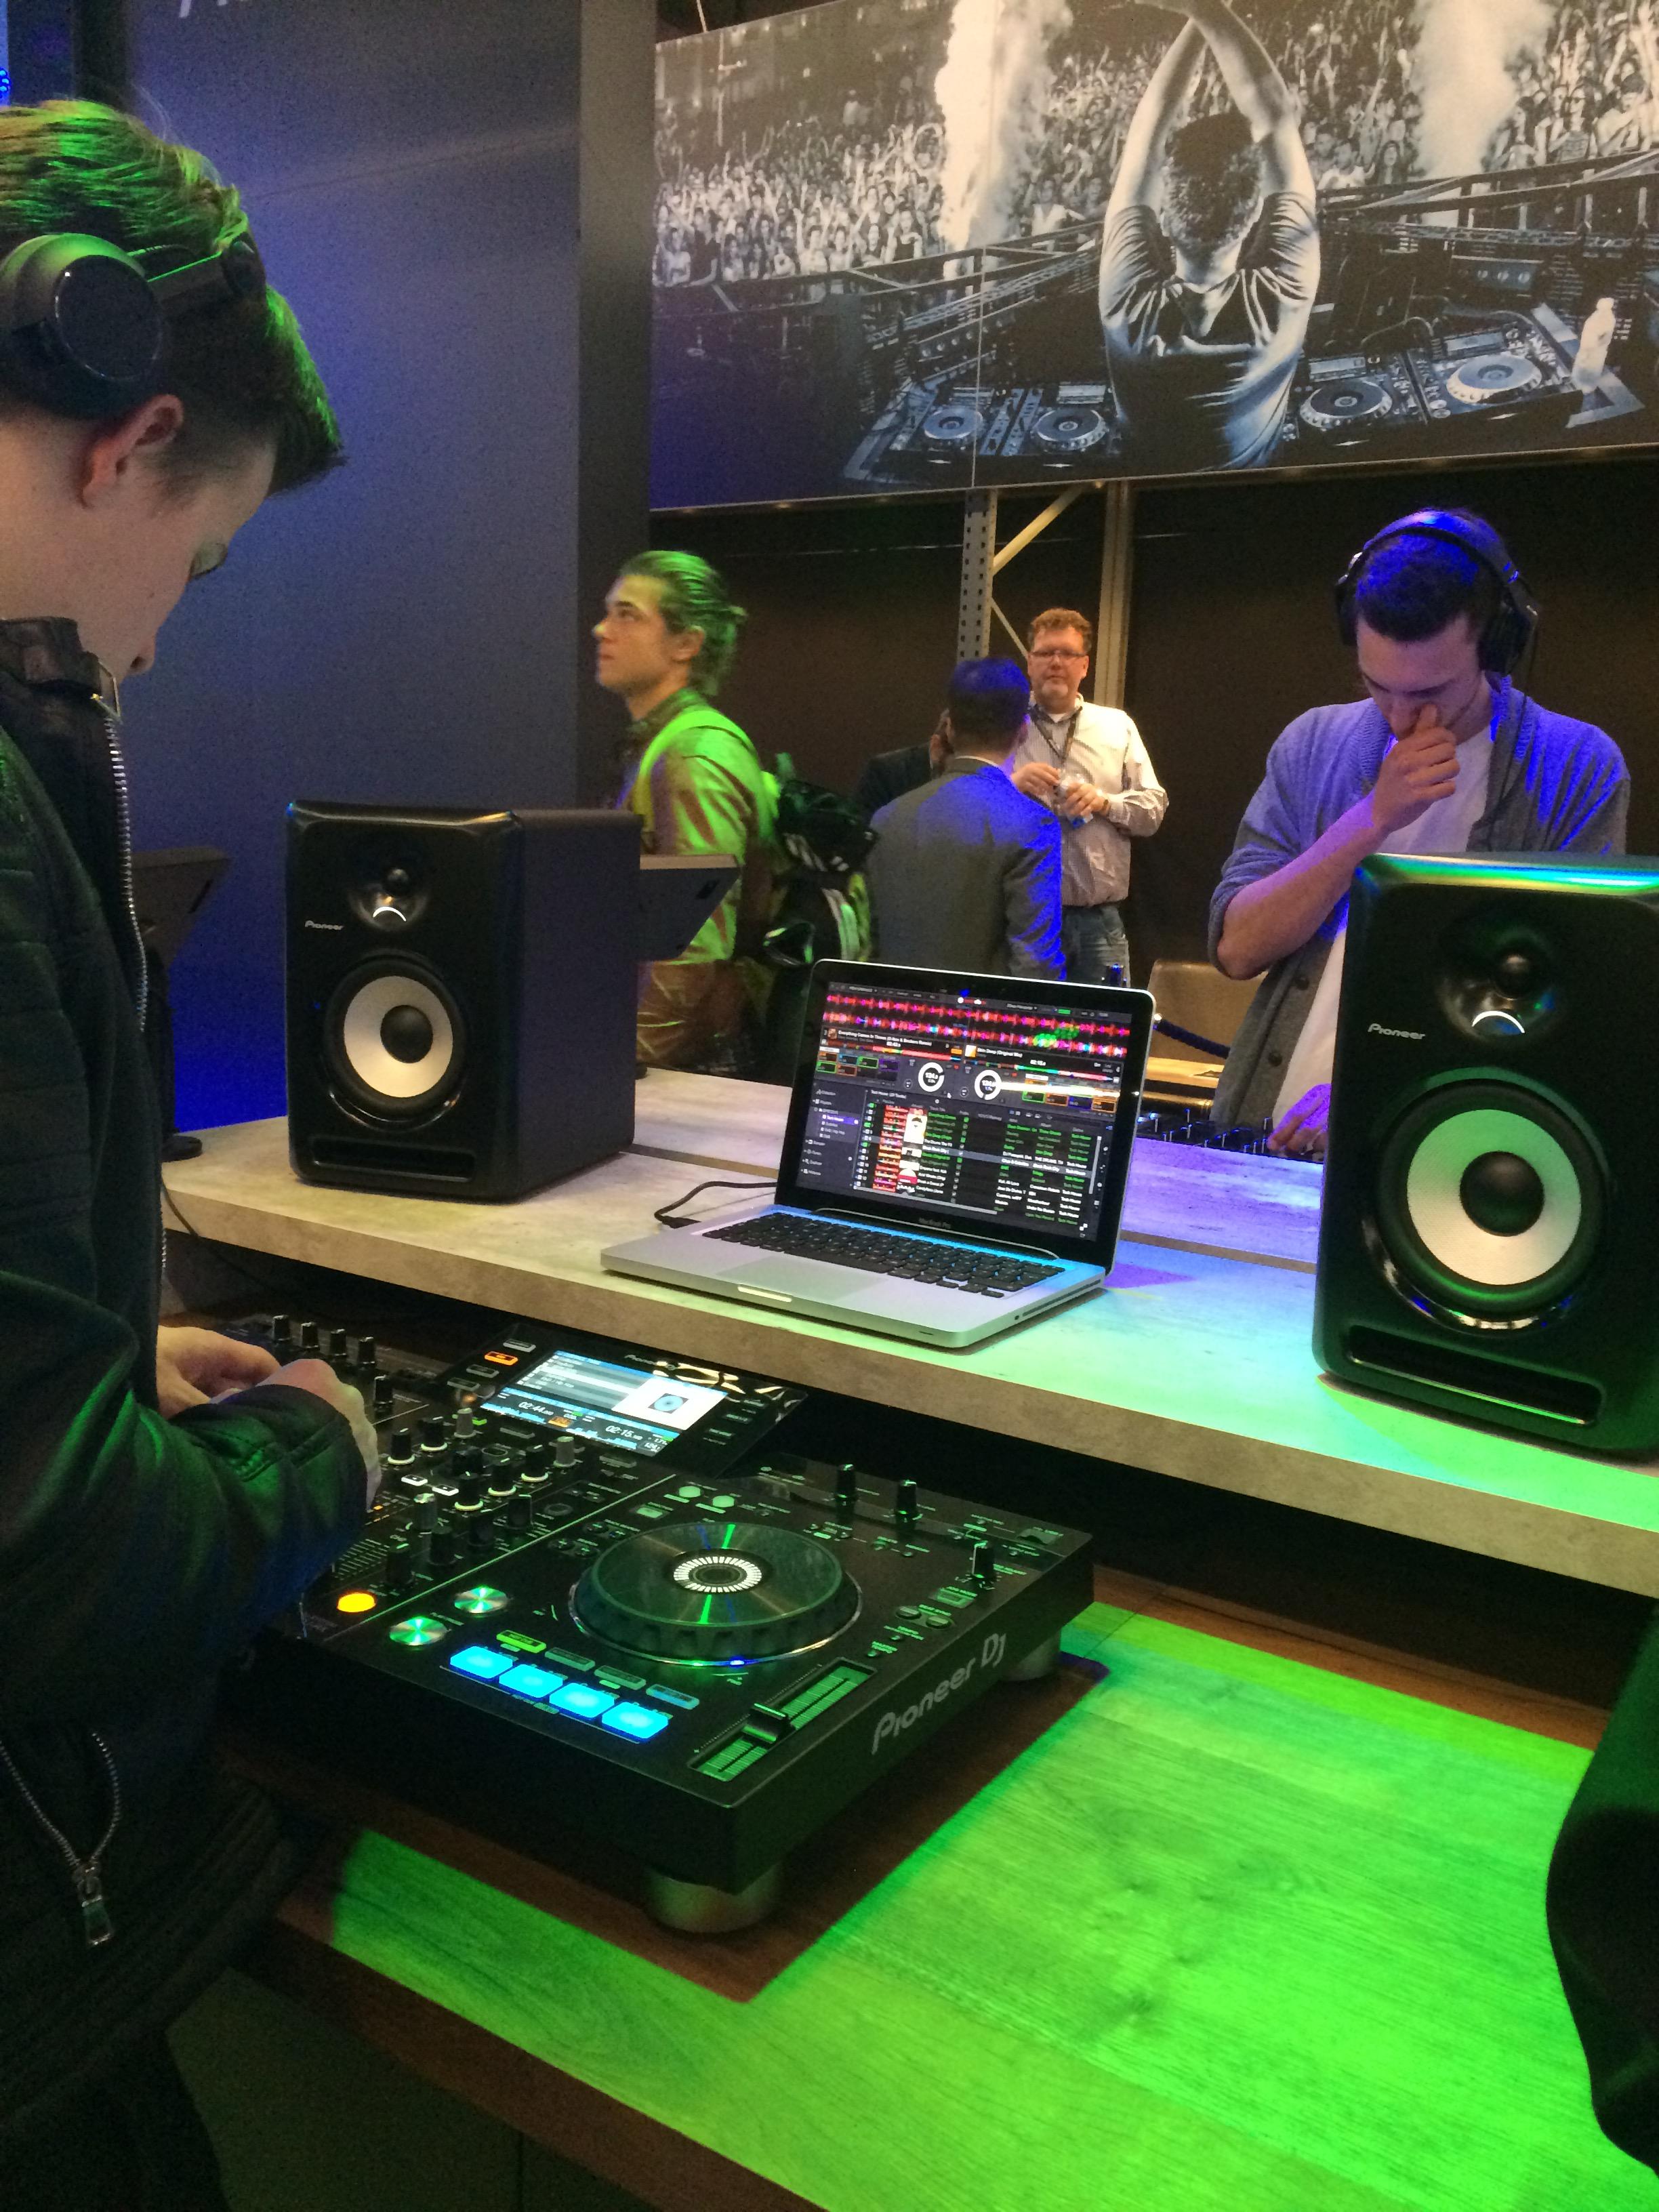 musikmesse-xdj-rx